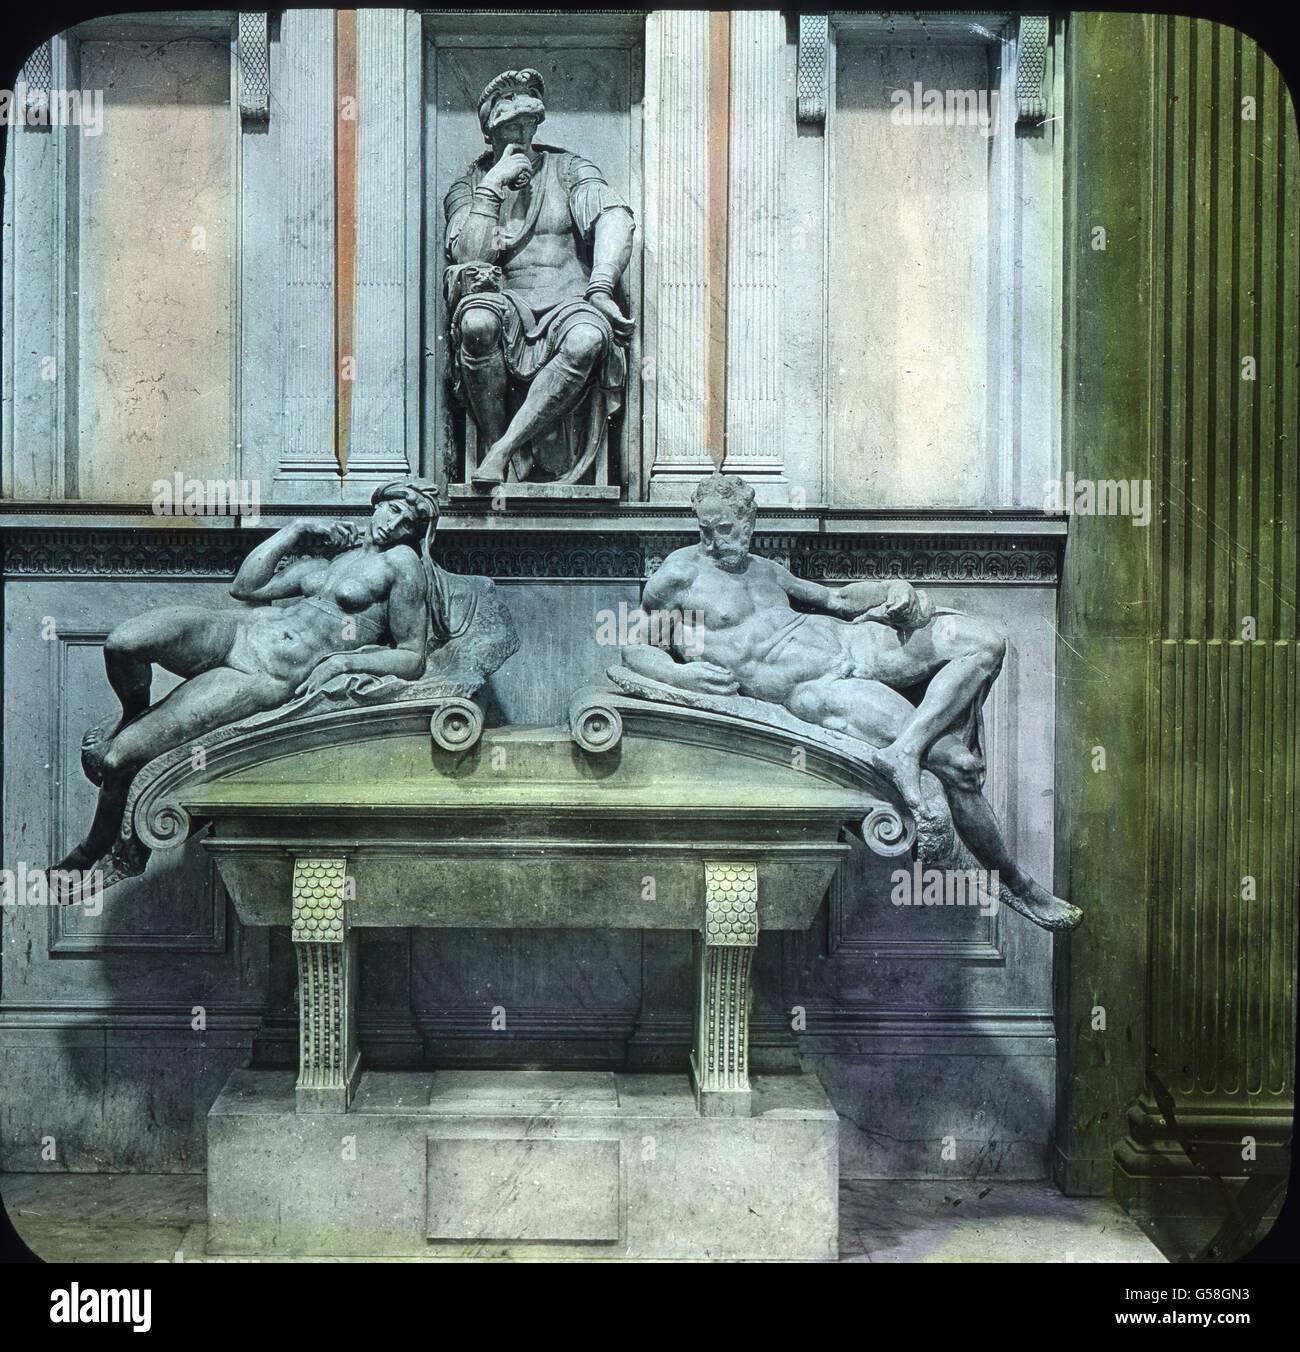 Im Norden der Stadt liegt die alte Kirohe San Lorenzo, die noch vom hl. Ambrosius geweiht ist. In dieser Kirche - Stock Image